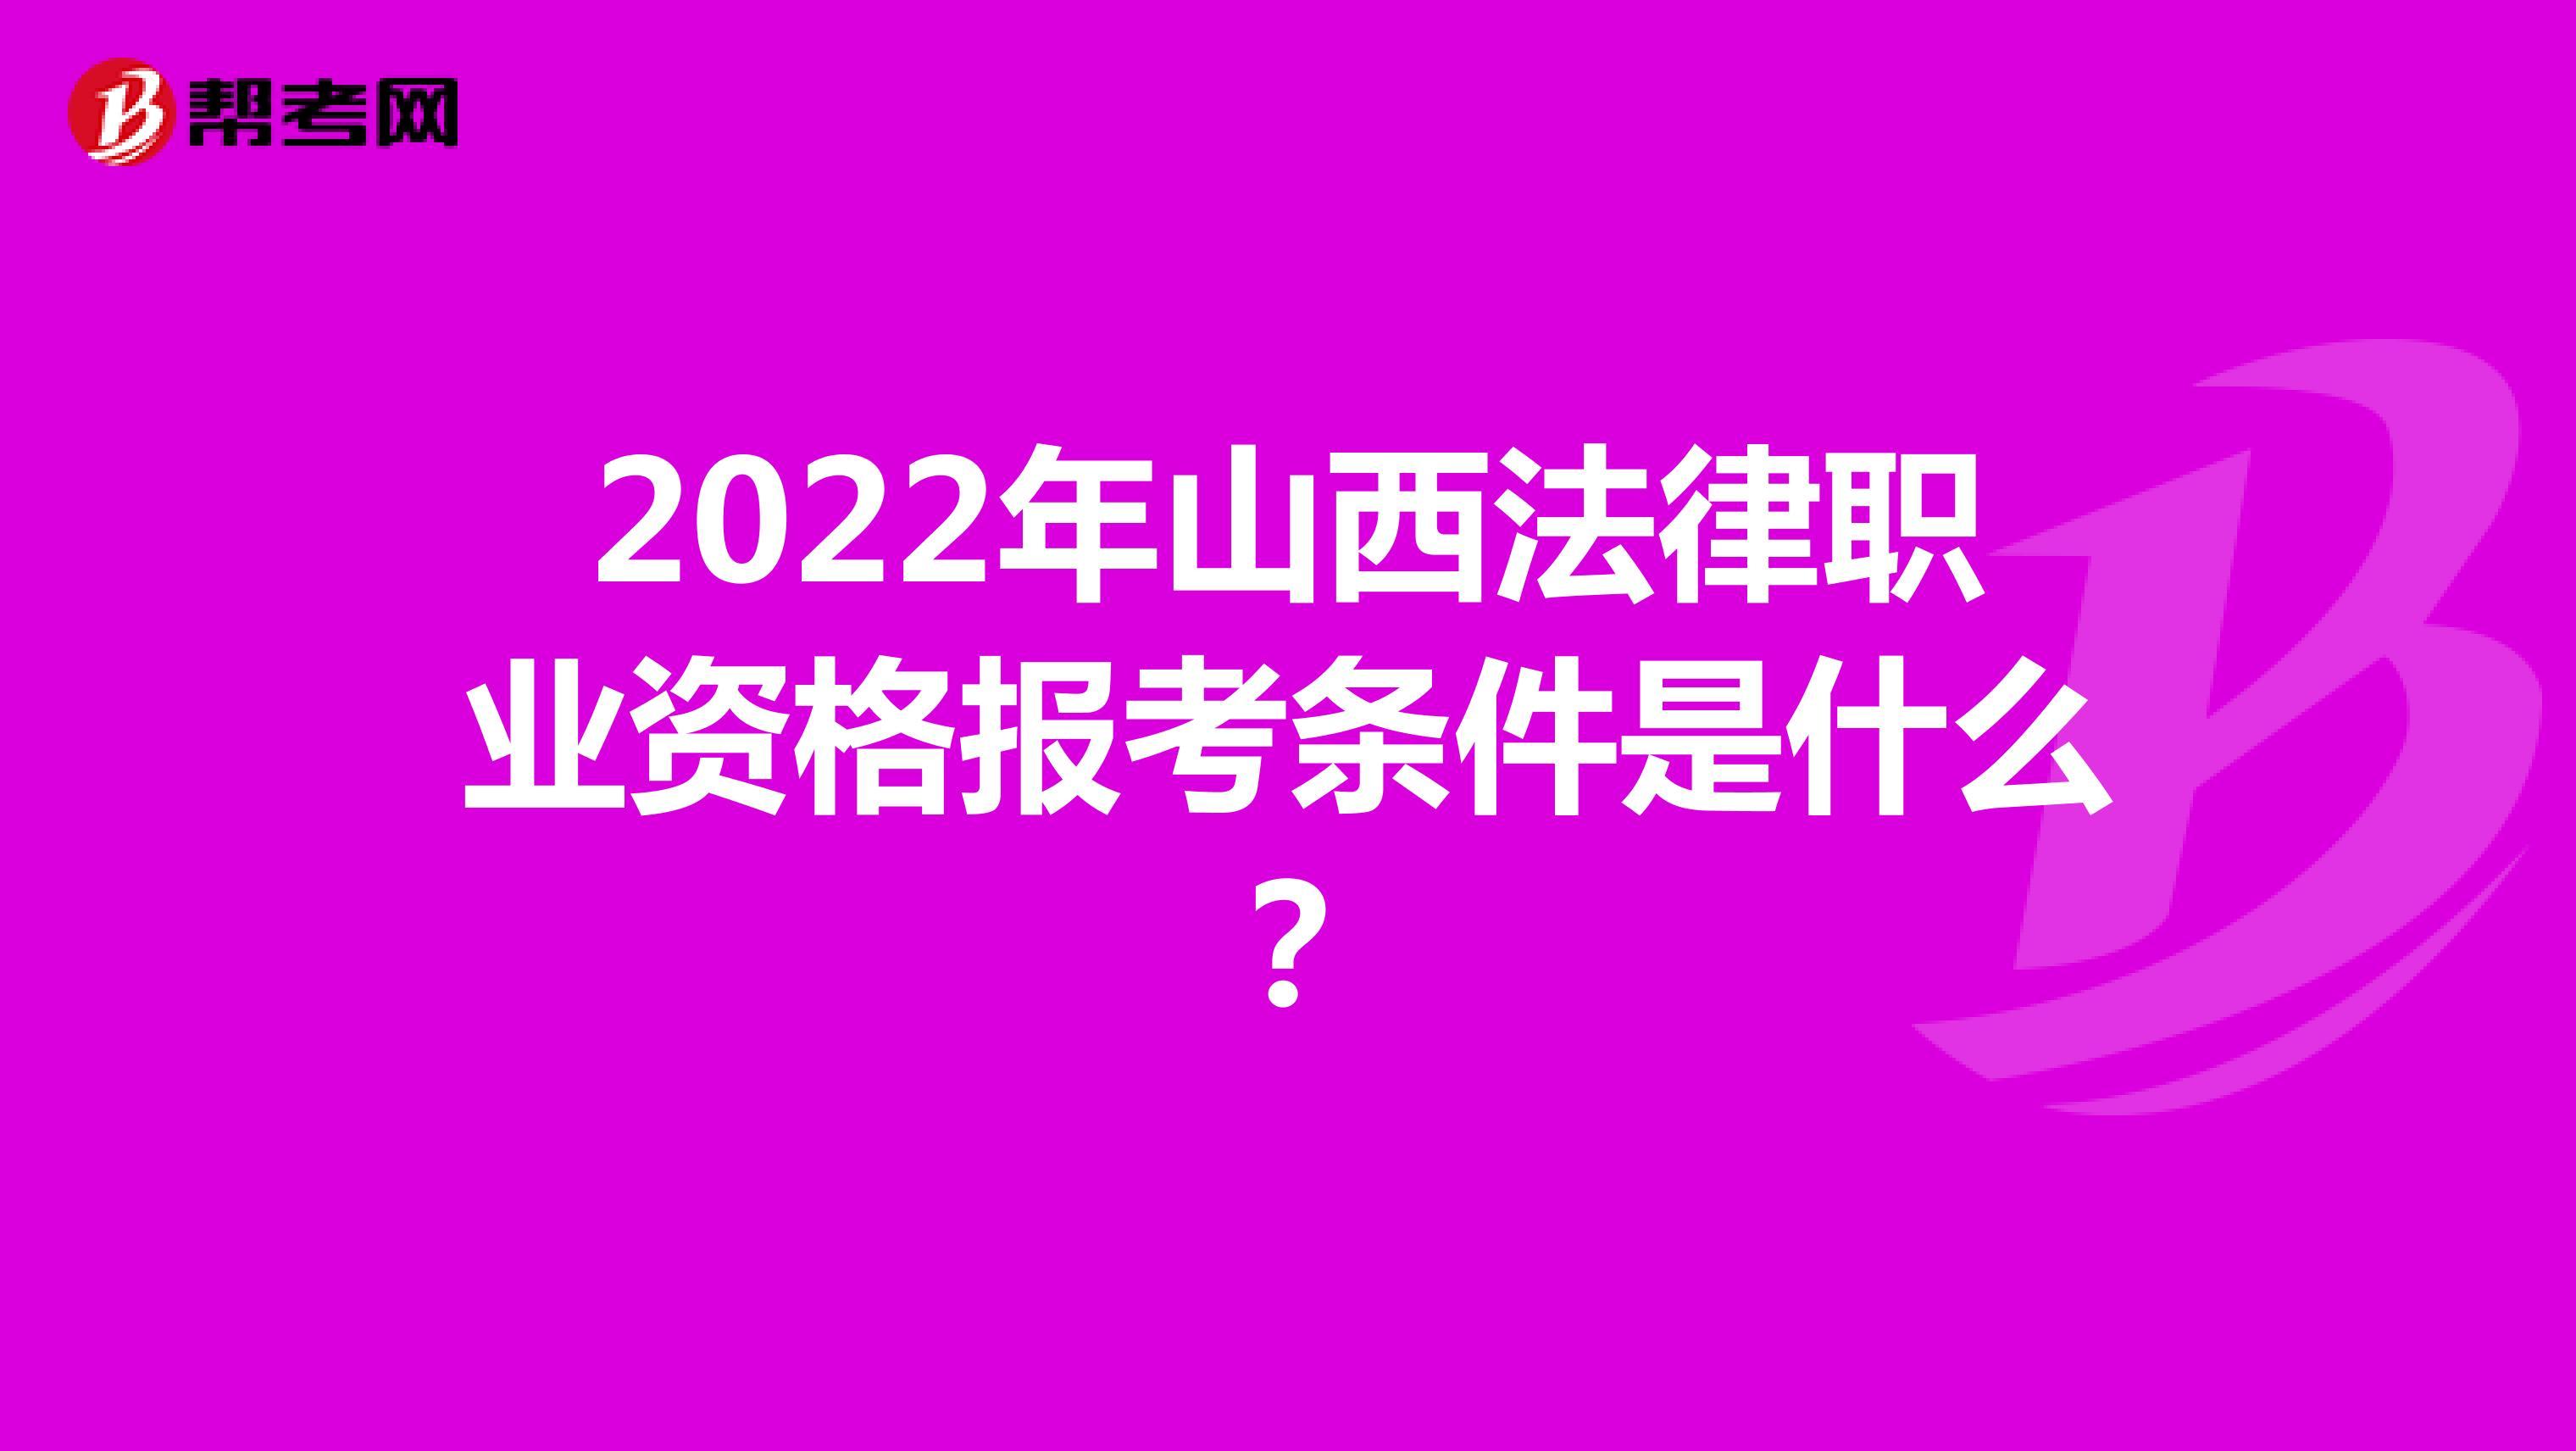 2022年山西法律职业资格报考条件是什么?